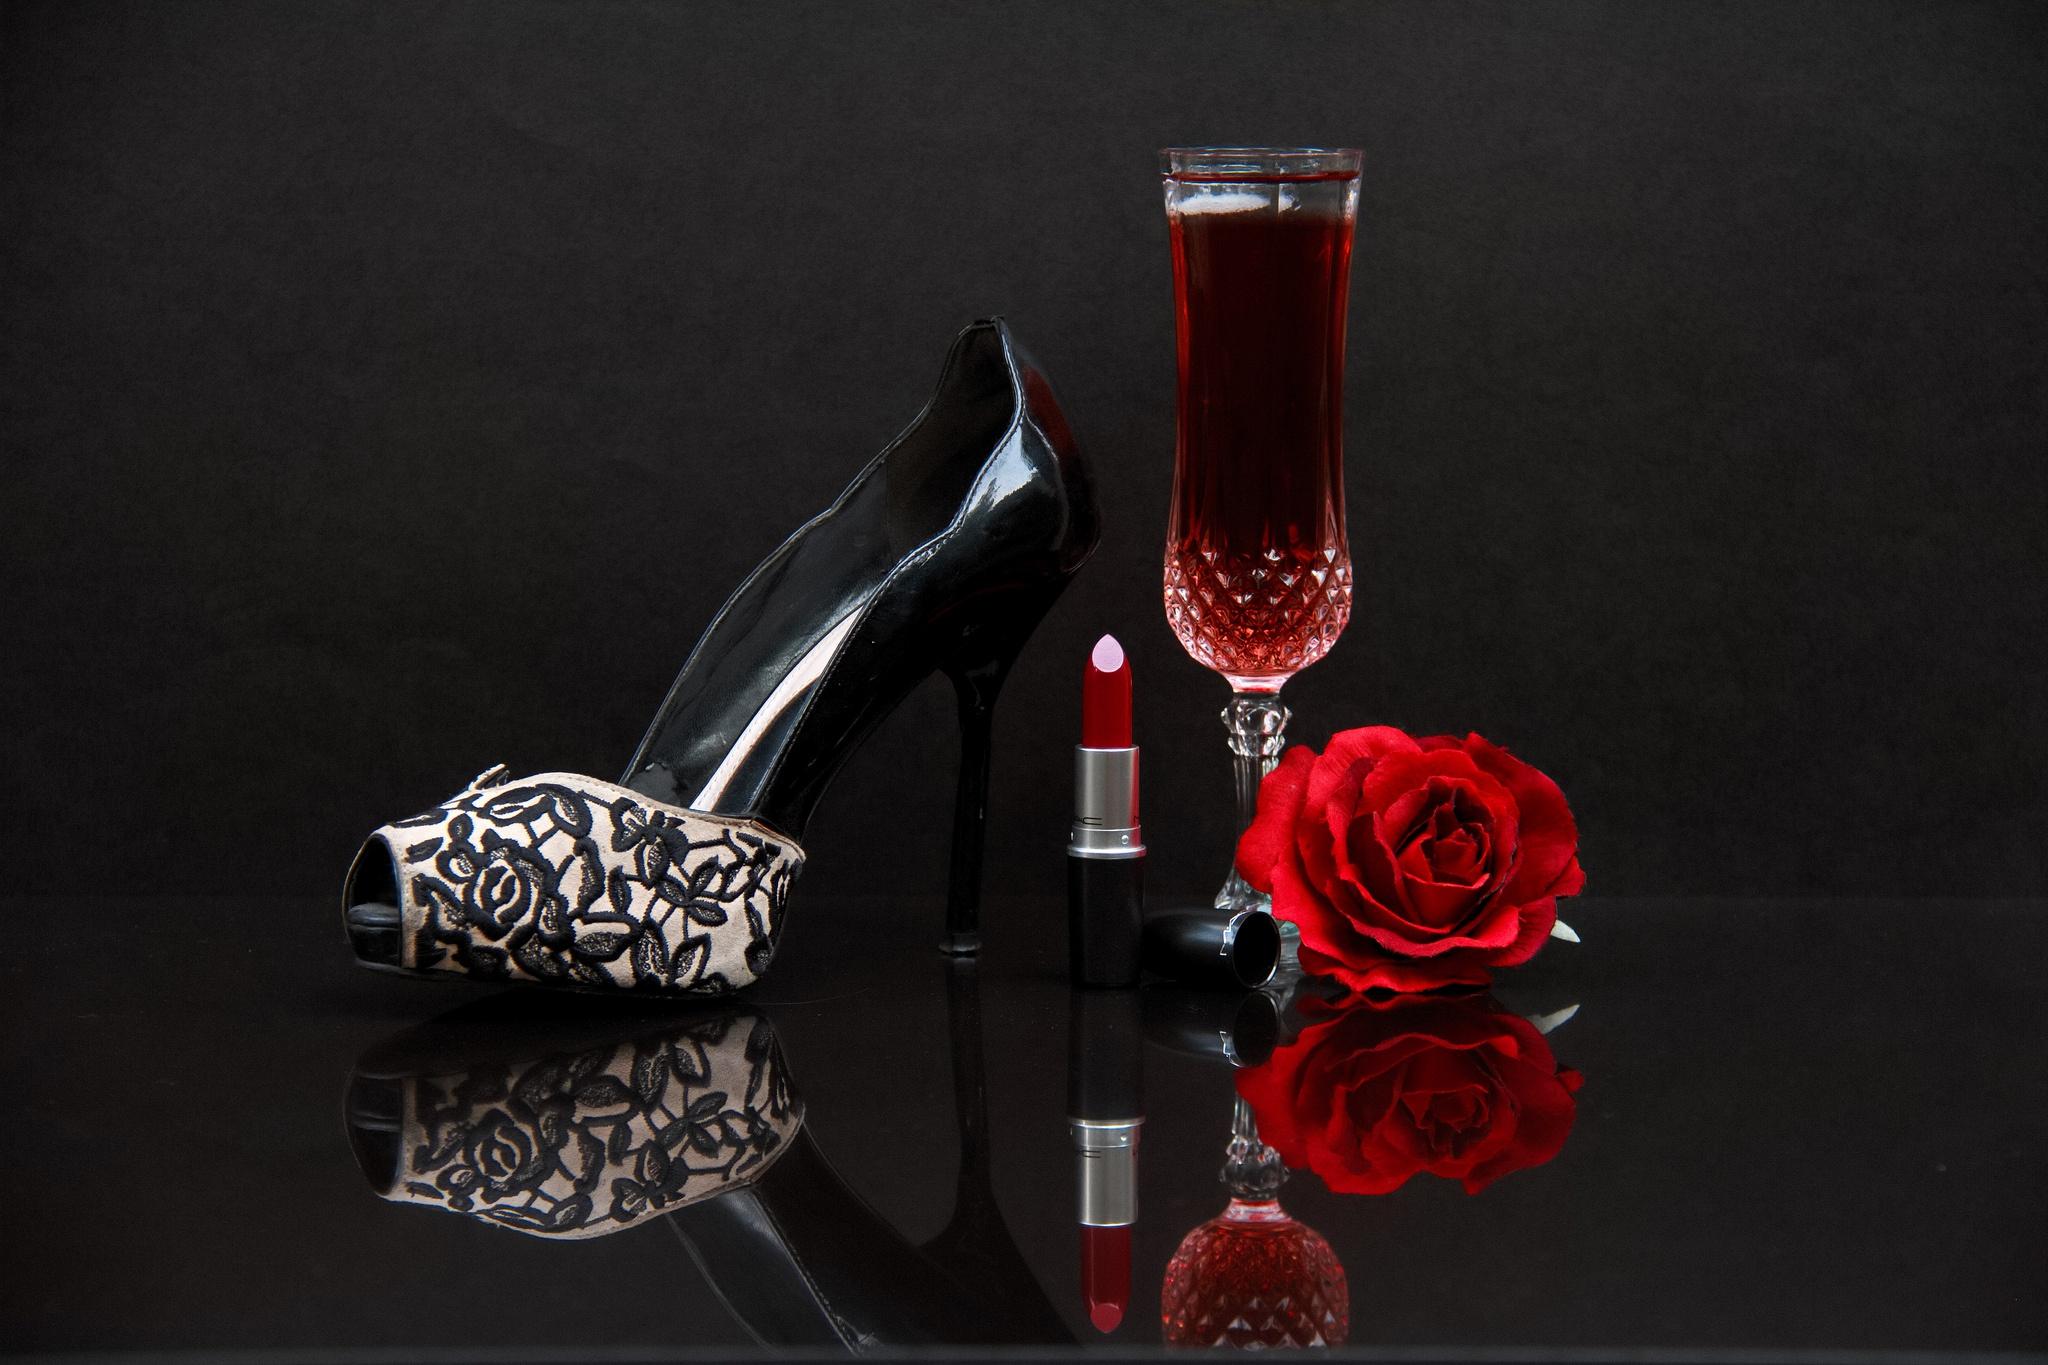 пиром красивые картинки вино и роза на столе дома проблемы